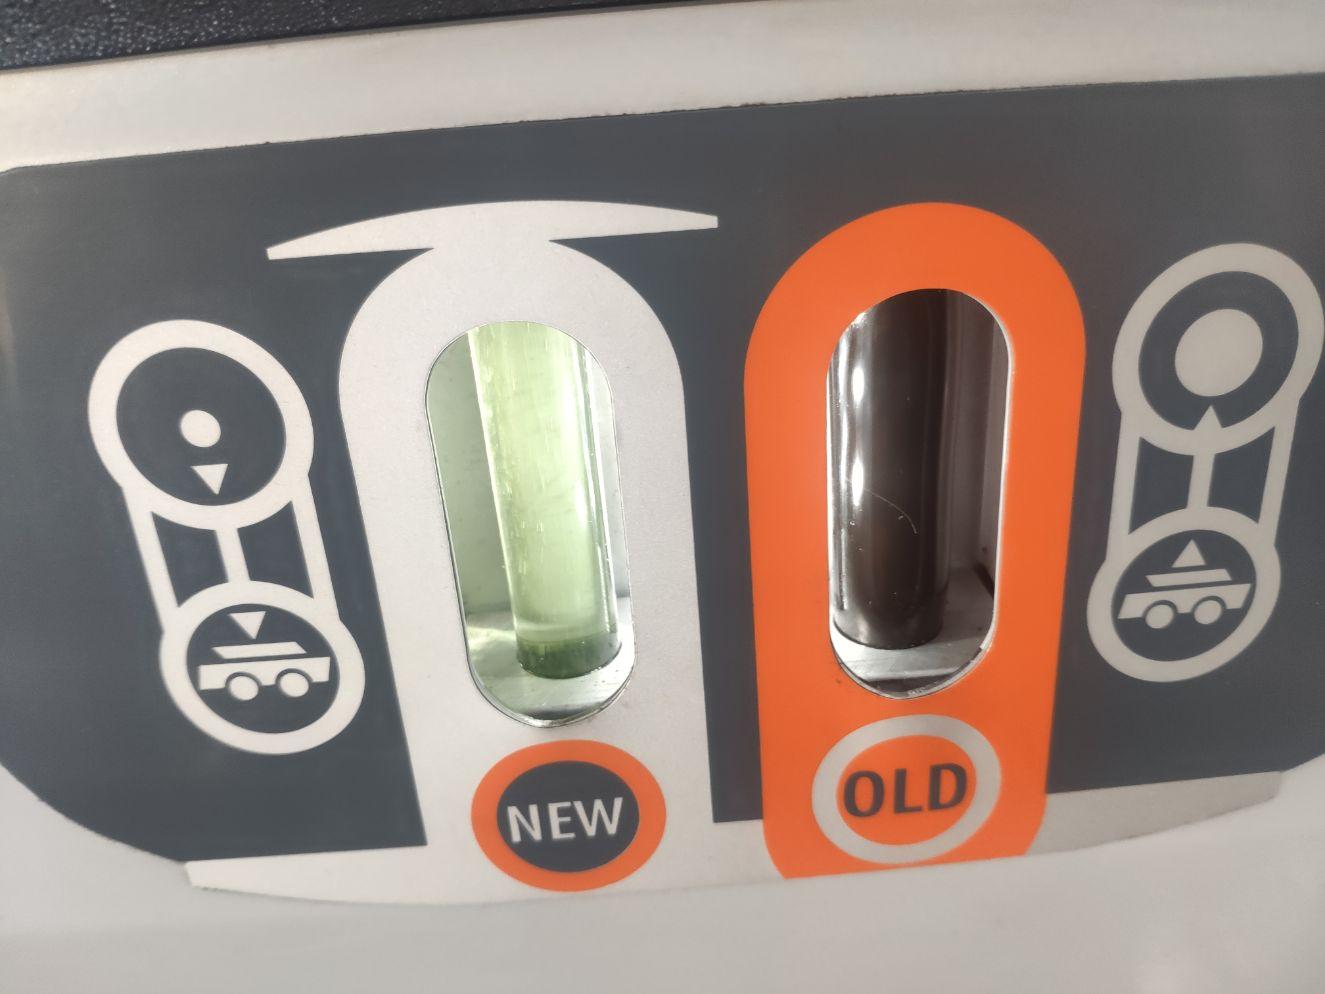 Porównanie nowego i starego oleju Dynamiczna wymiana oleju